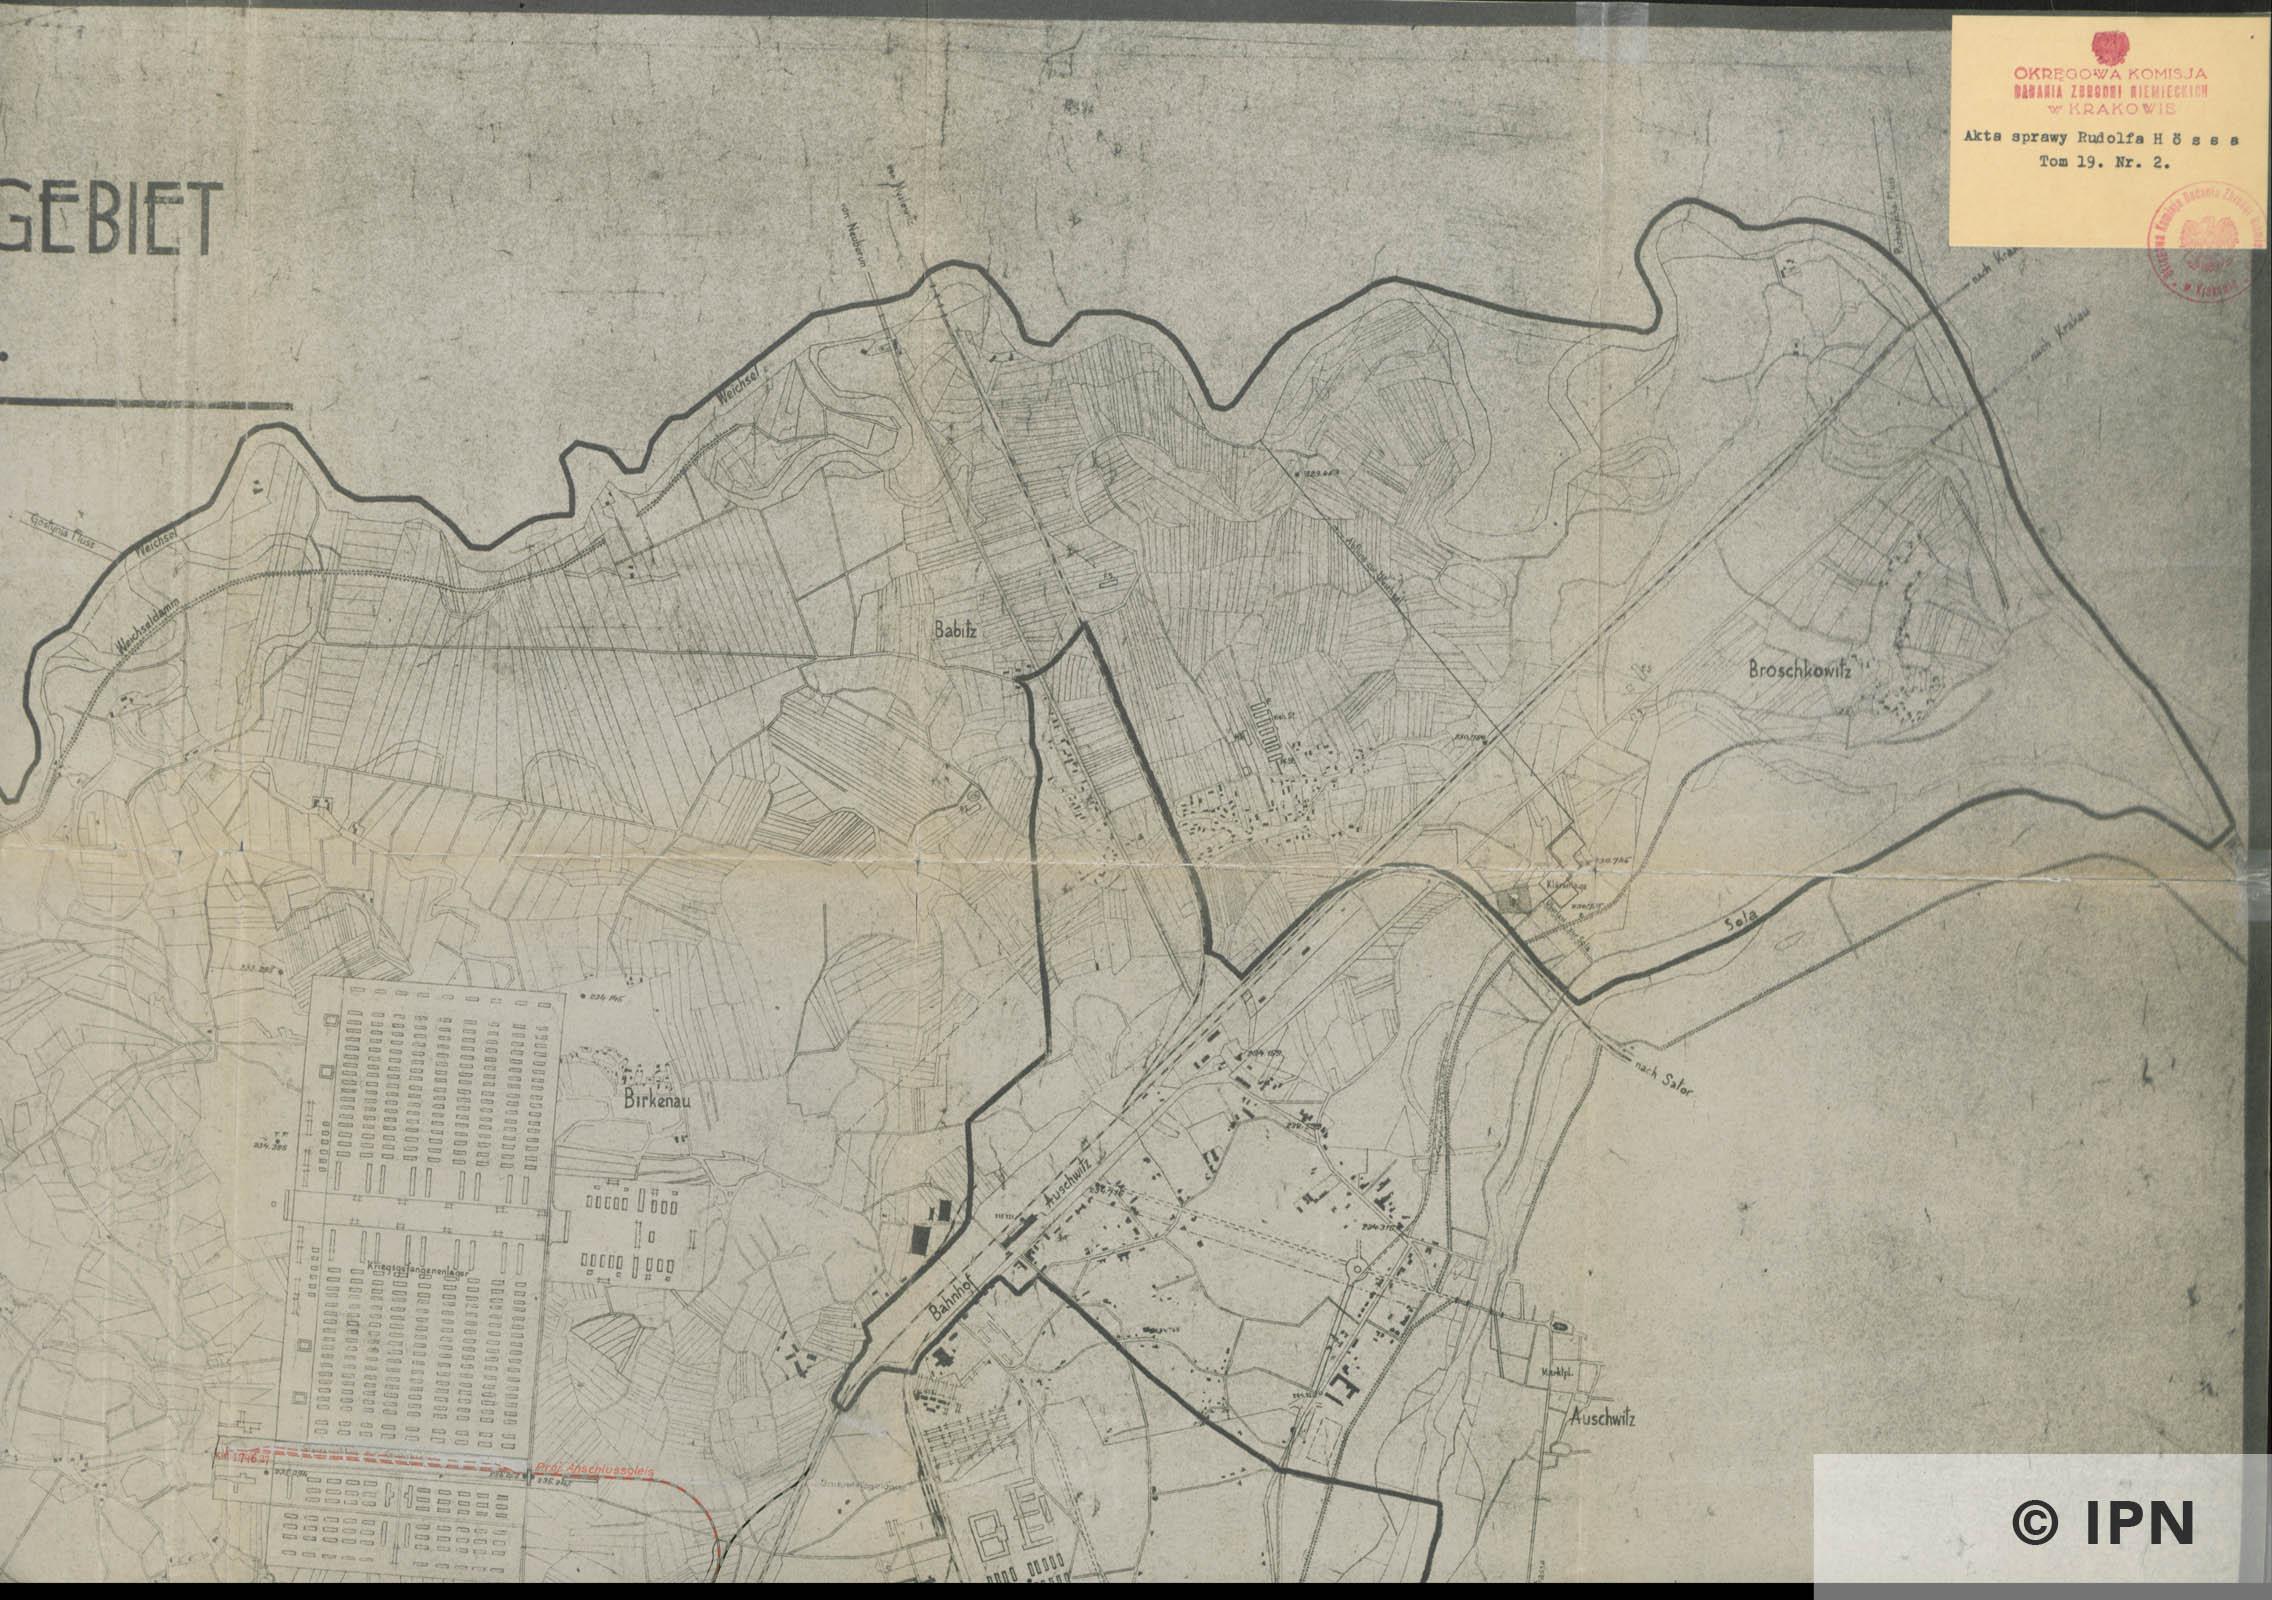 Plan vom Interessengebiet des KL Auschwitz. 15 January 1943. IPN GK 196 101 0030